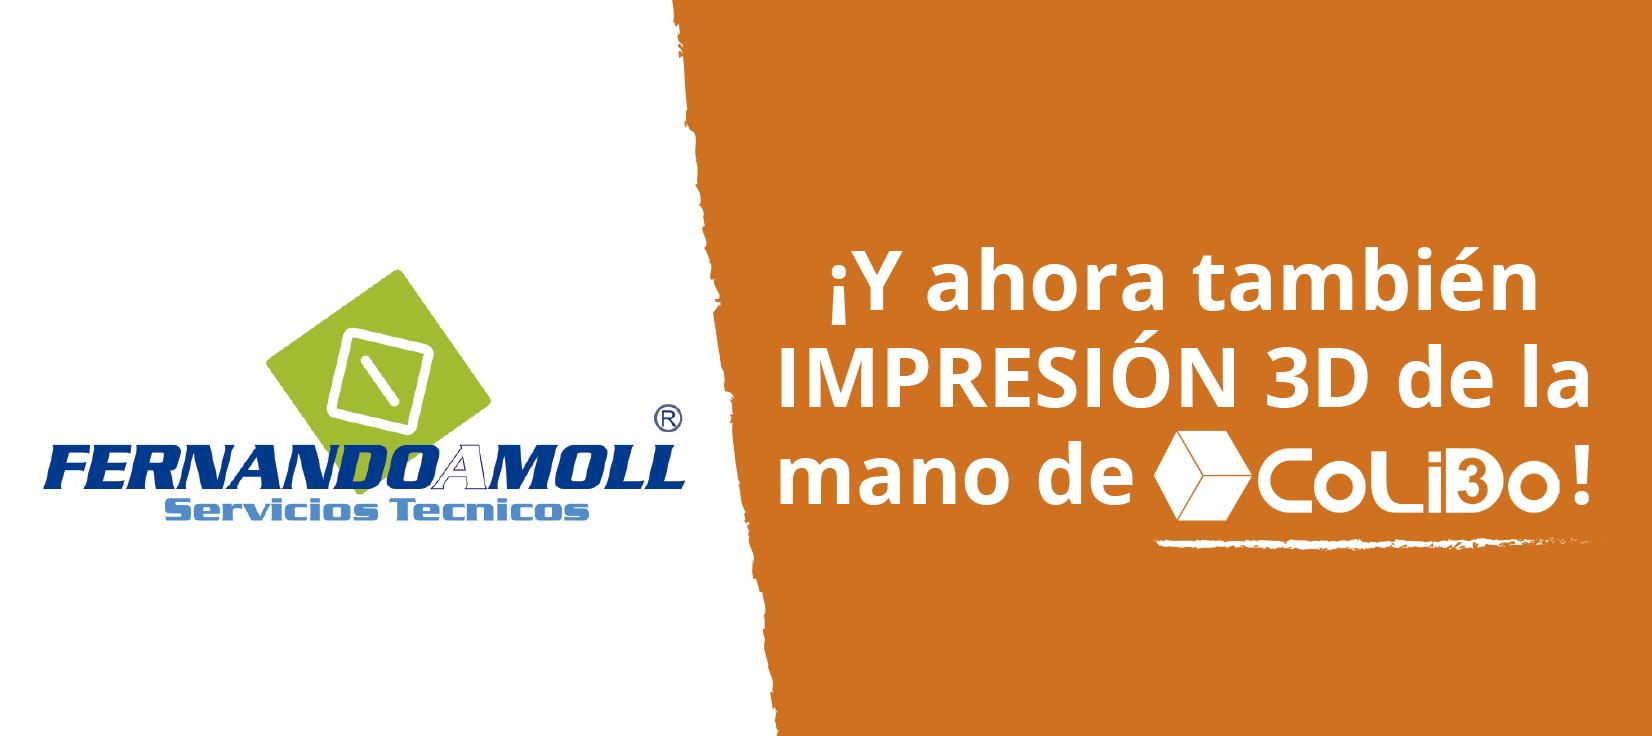 La Impresión 3D Toma La Safor De La Mano De Fernando A.Moll